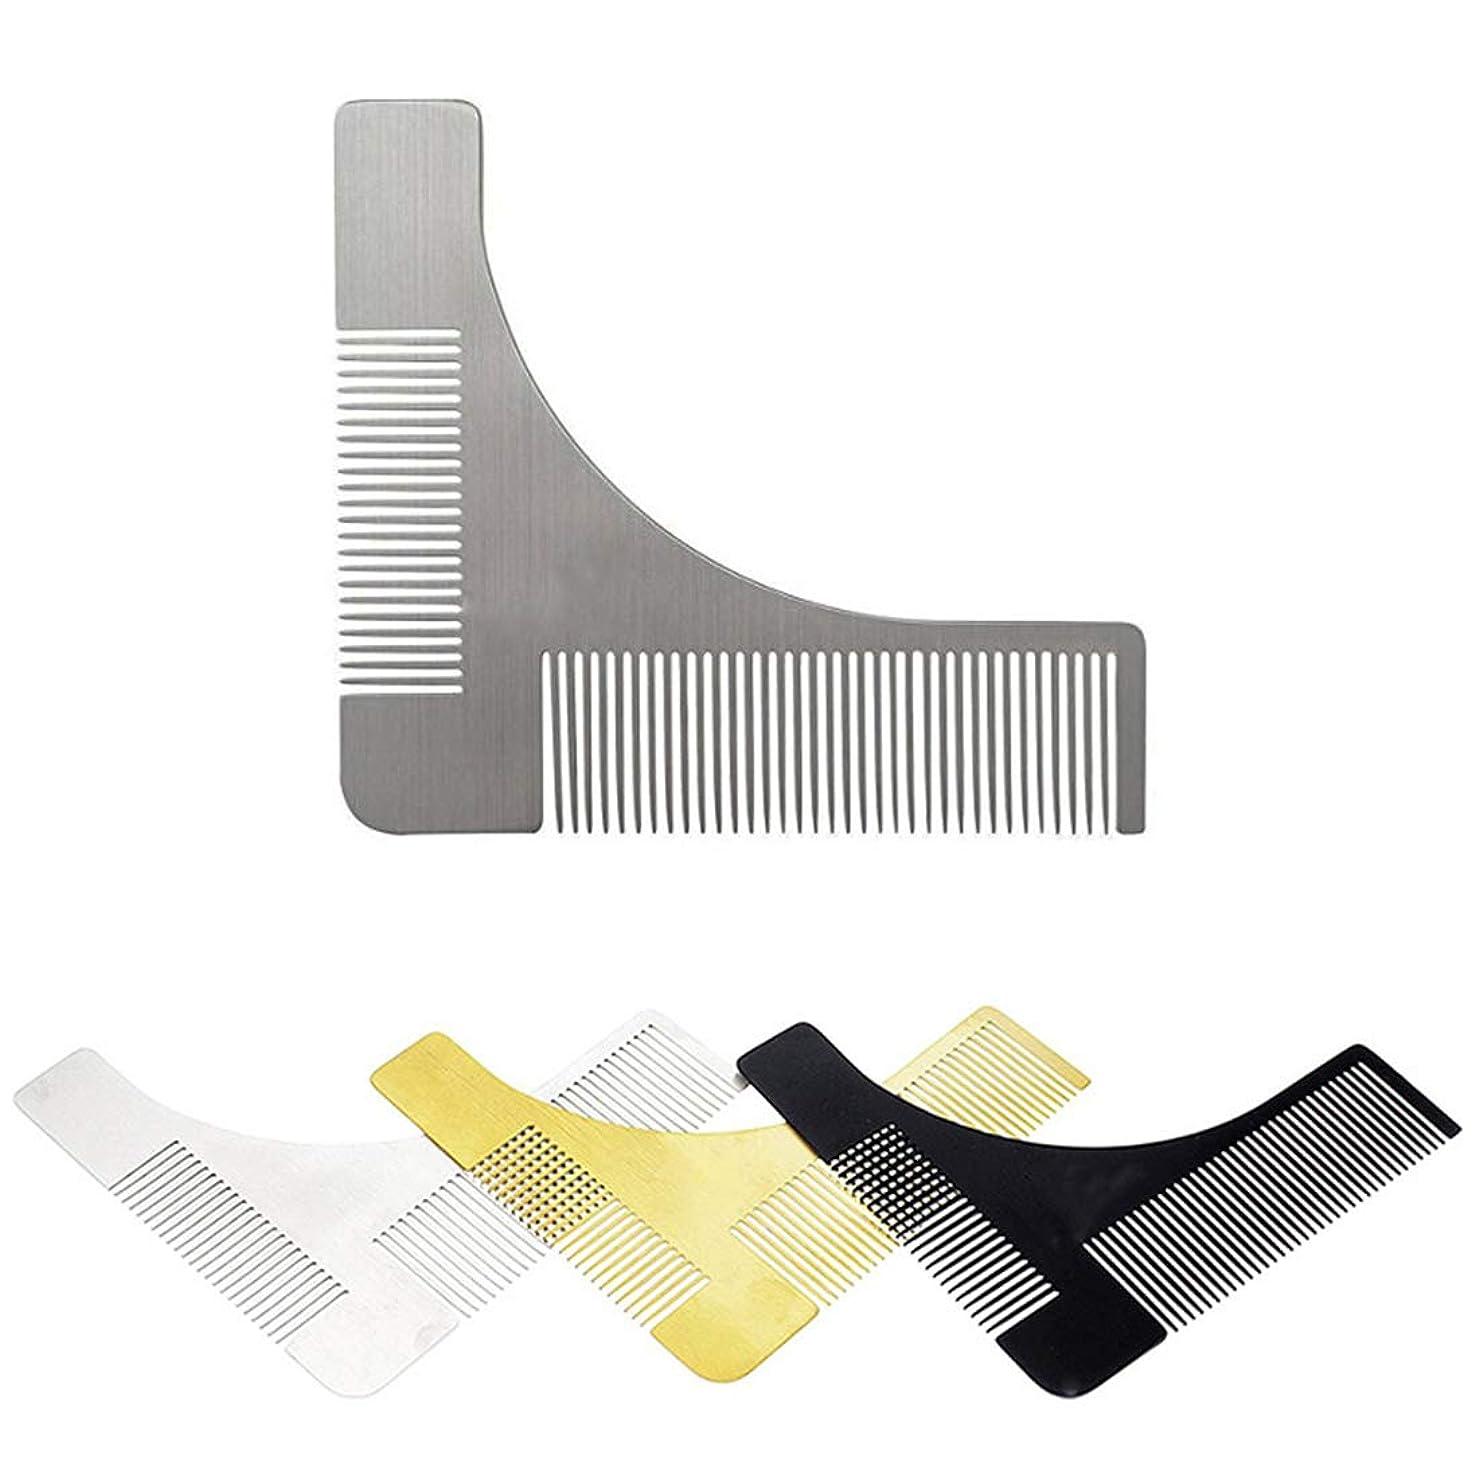 どうやらログ失礼ステンレス鋼のひげのスタイリングおよび形成のための型板の櫛用具 モデリングツール (色 : 304 material)